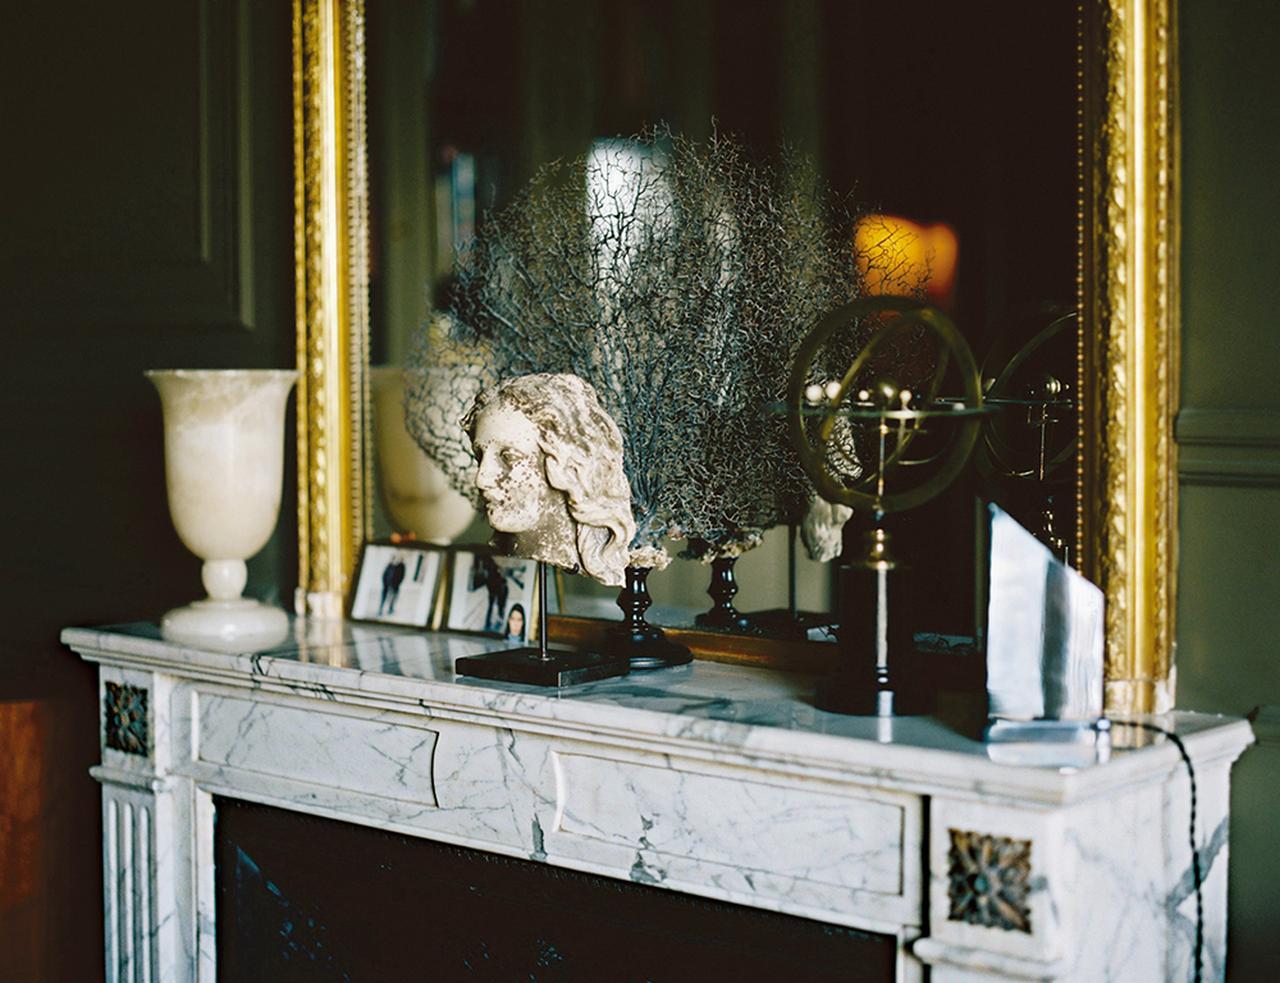 Images : 18世紀の彫刻と1940年代のアラバスターのランプ